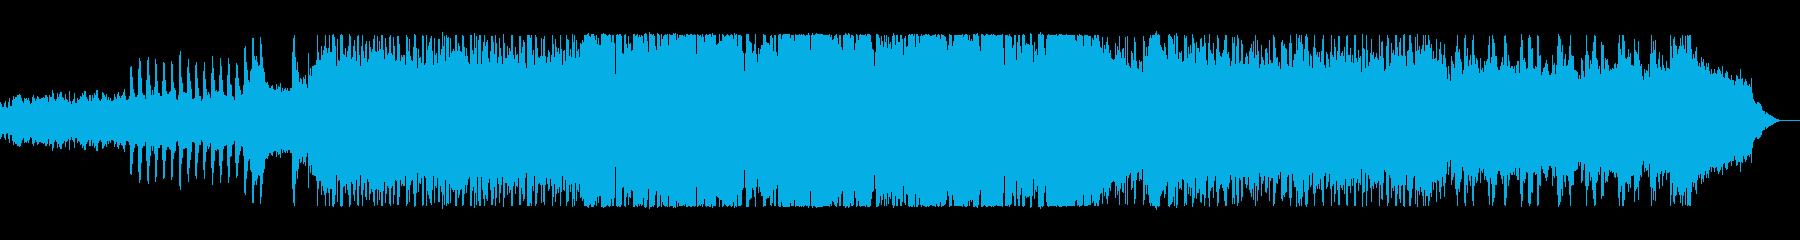 レトロな80sシンセポップス。の再生済みの波形